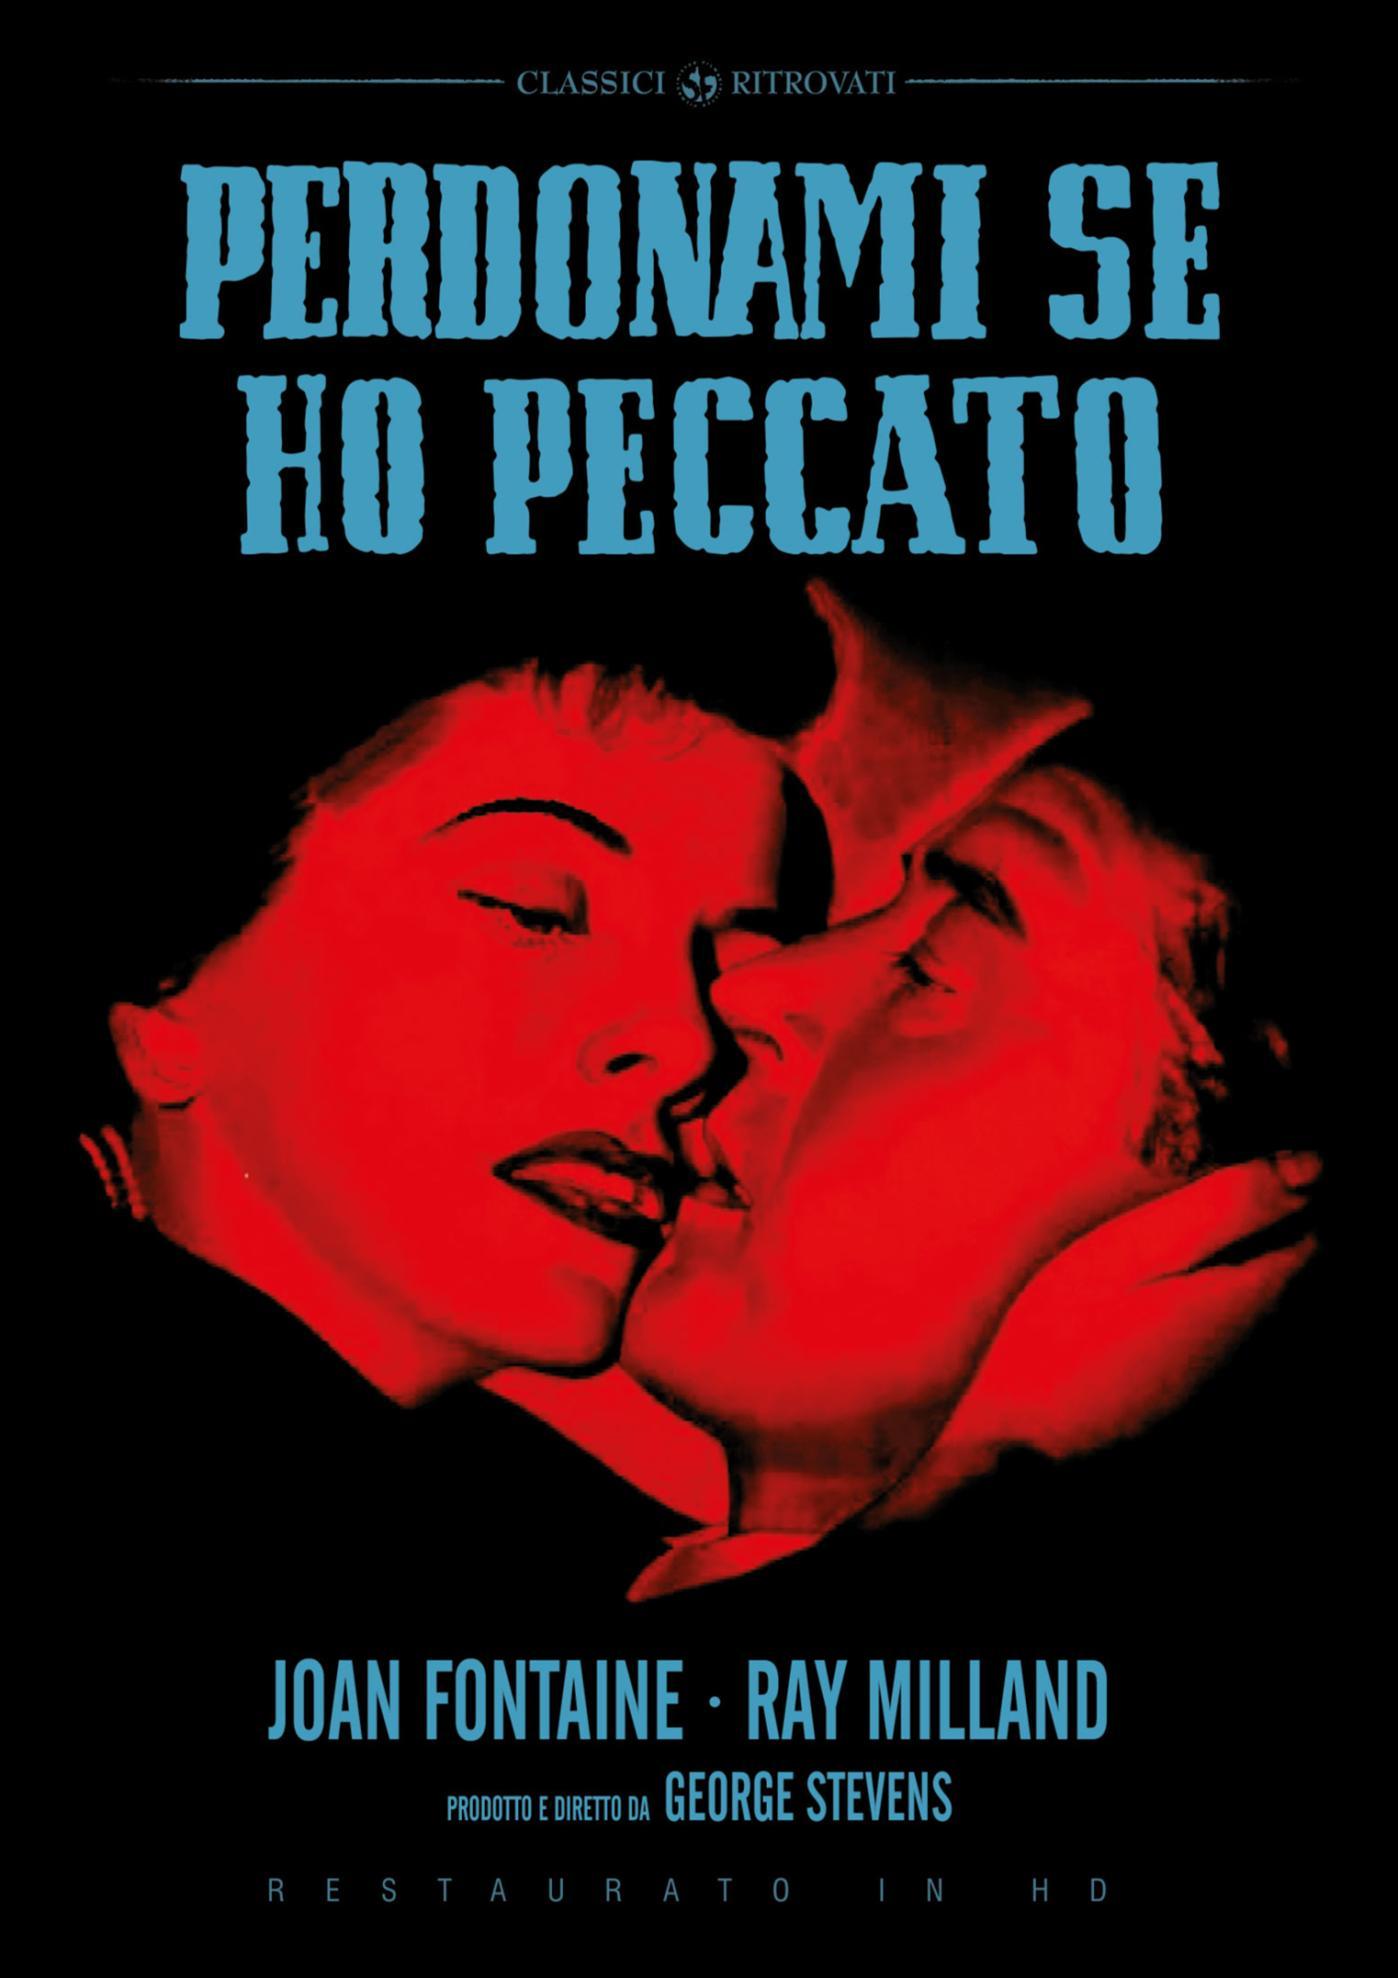 PERDONAMI SE HO PECCATO (RESTAURATO IN HD) (DVD)